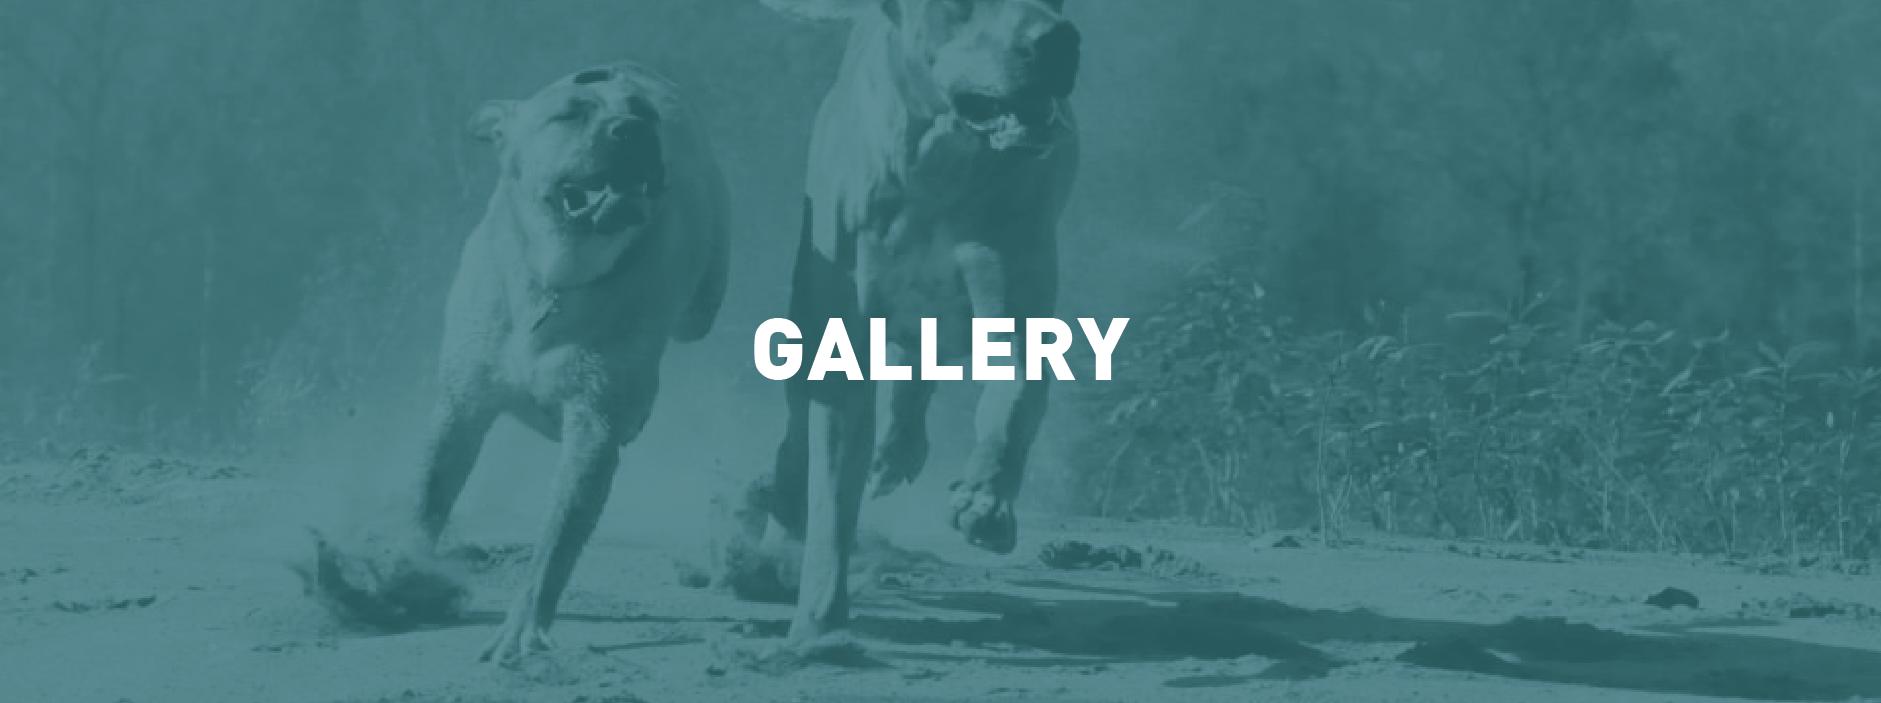 gallery_header2-11